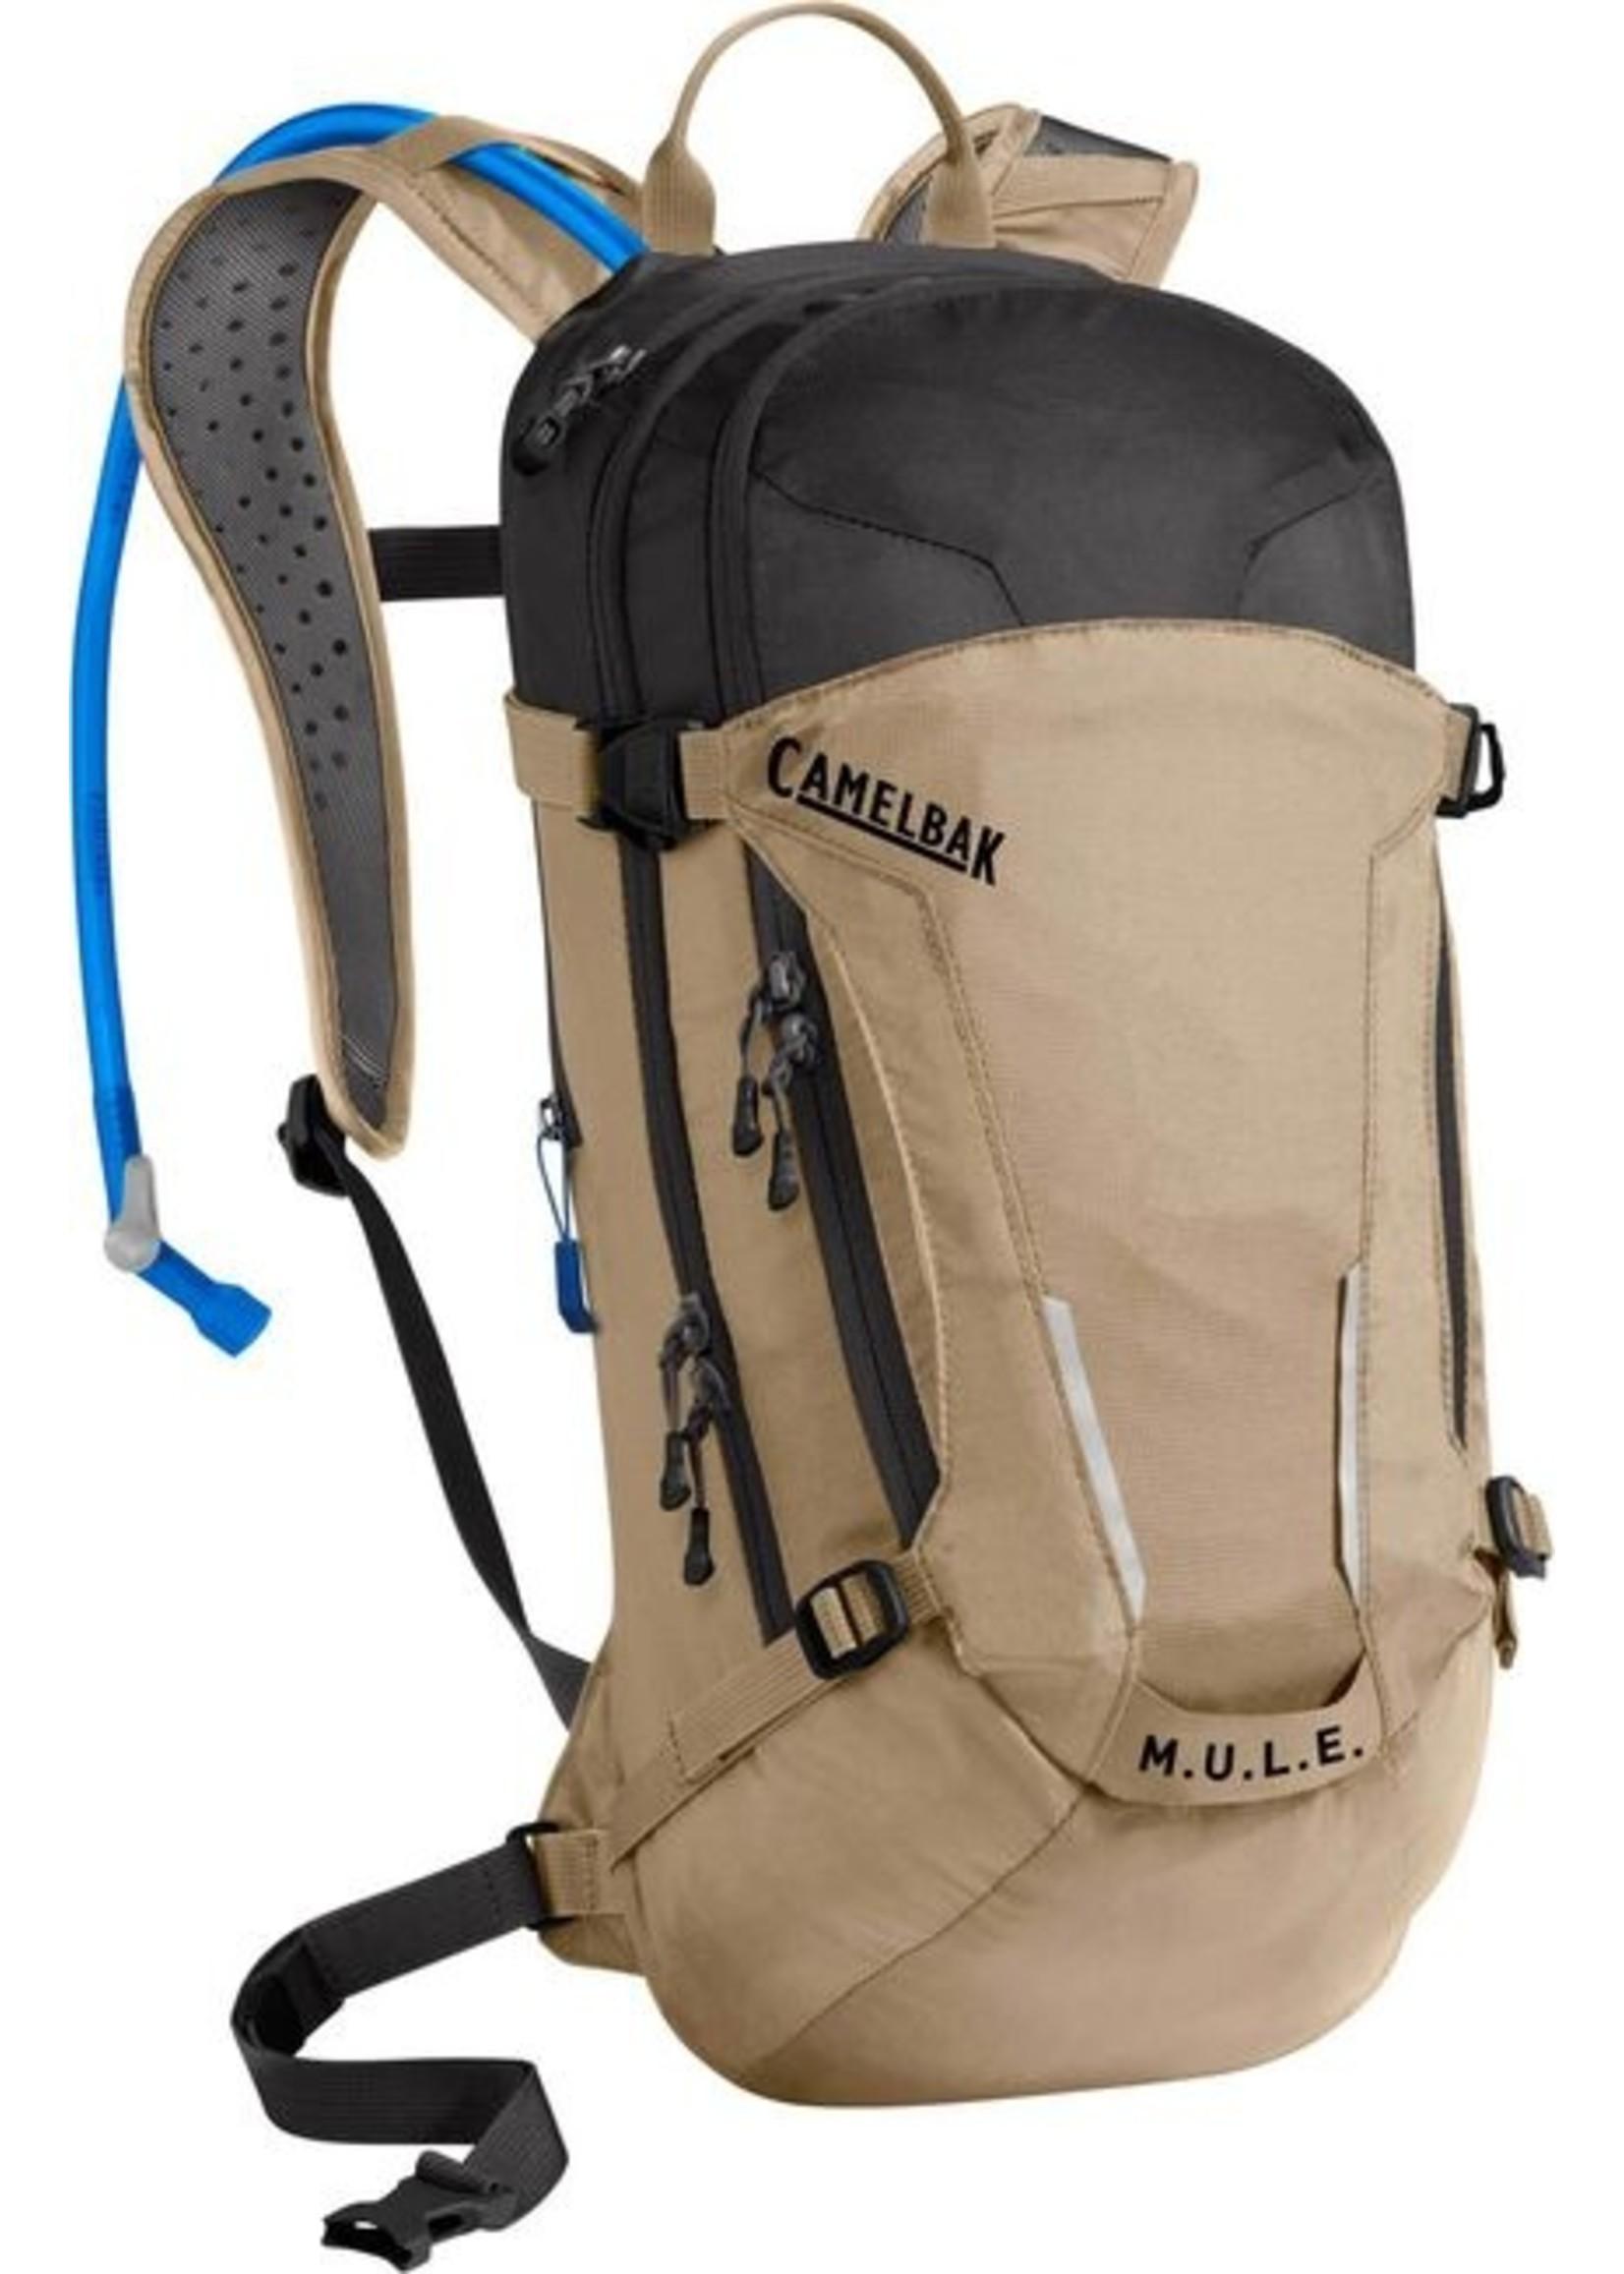 Camelbak Camelbak M.U.L.E. 100 oz